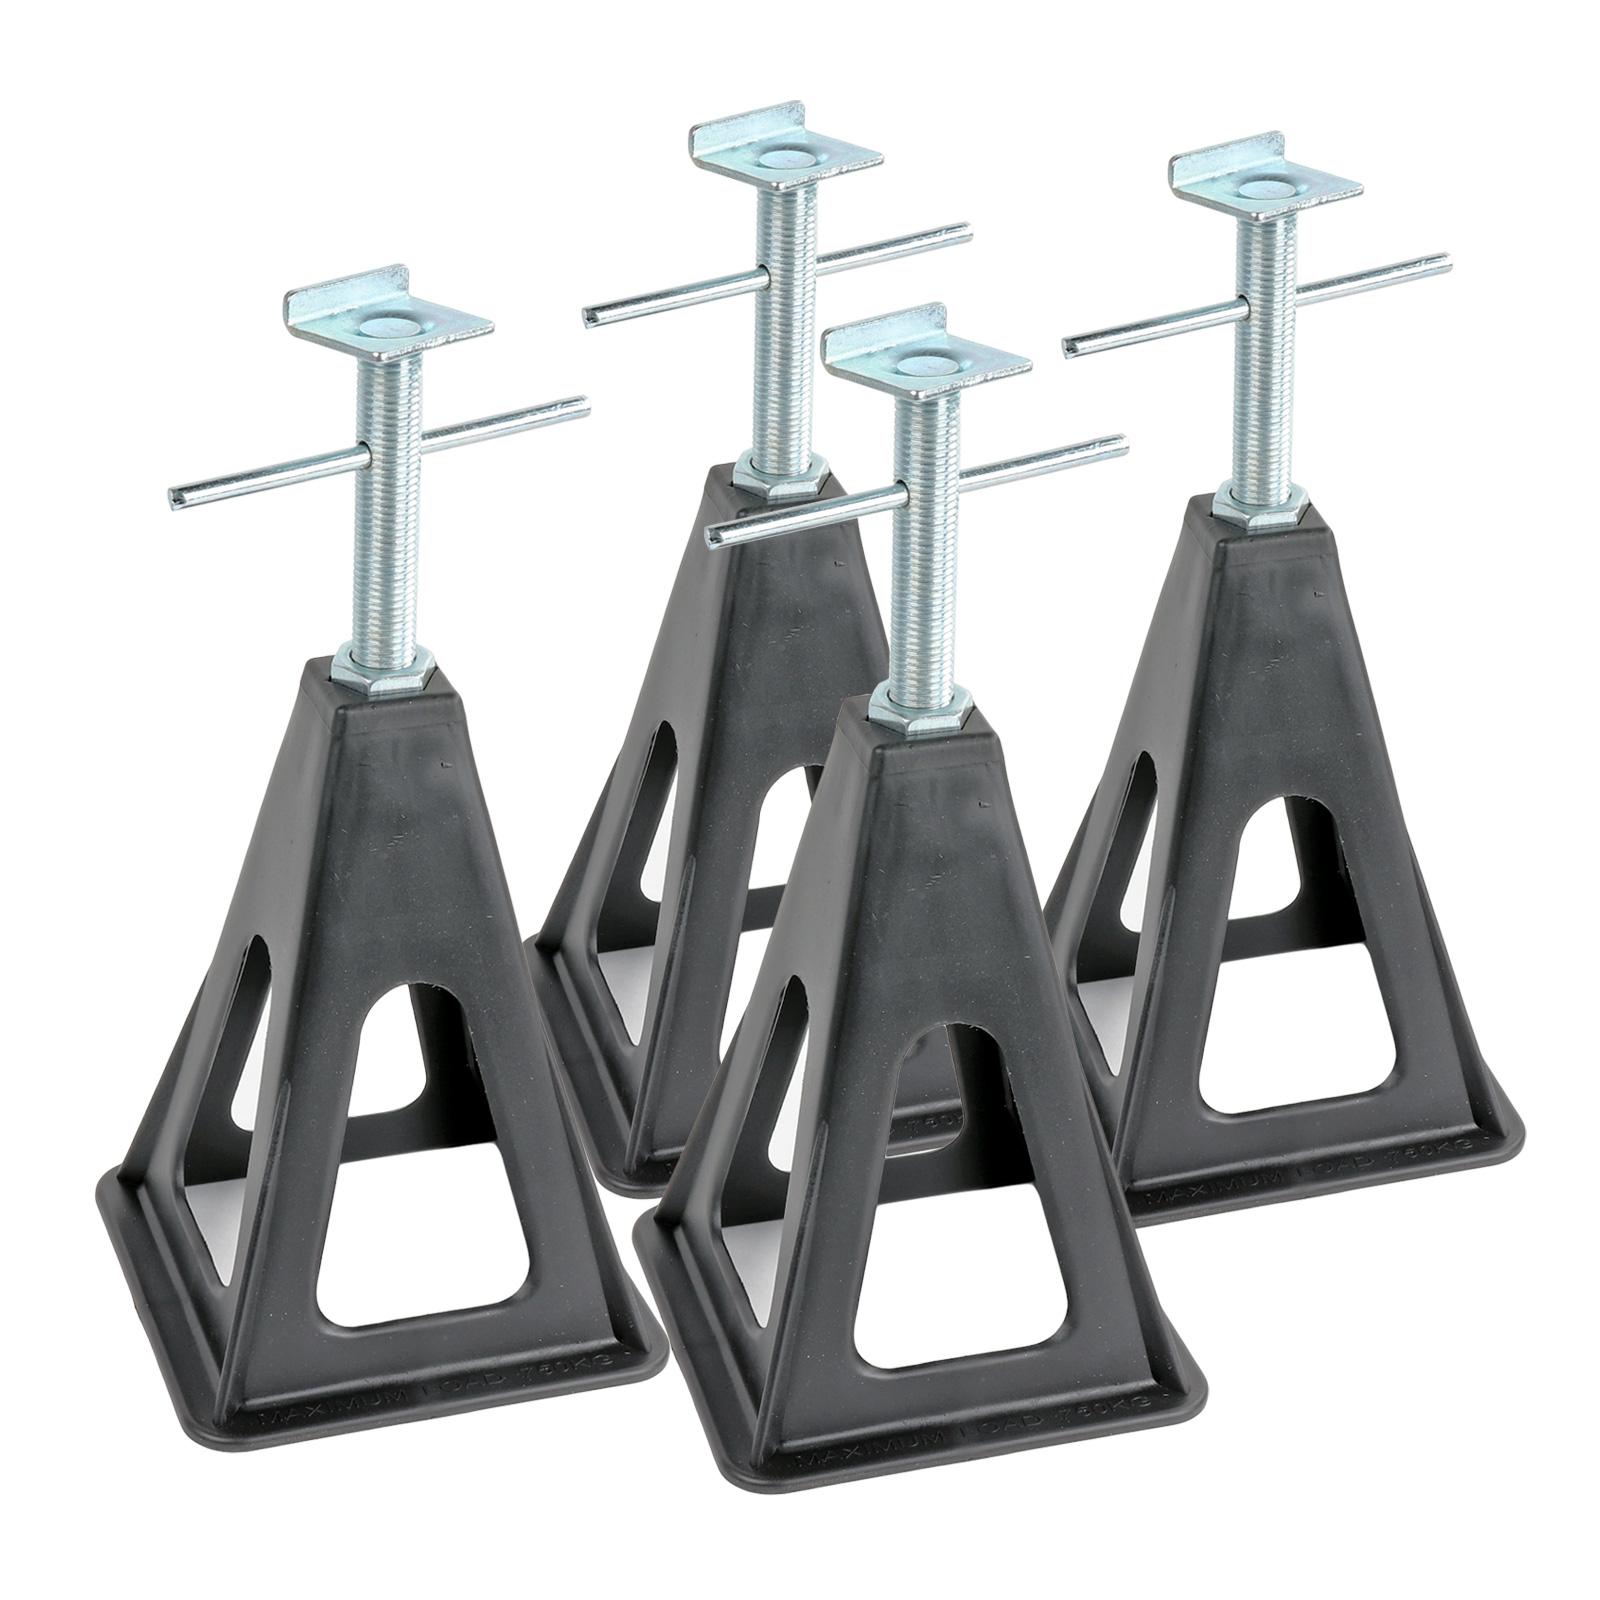 Stützbock 4er Set | Kunststoff | höhenverstellbar 25-42cm | 750Kg Traglast